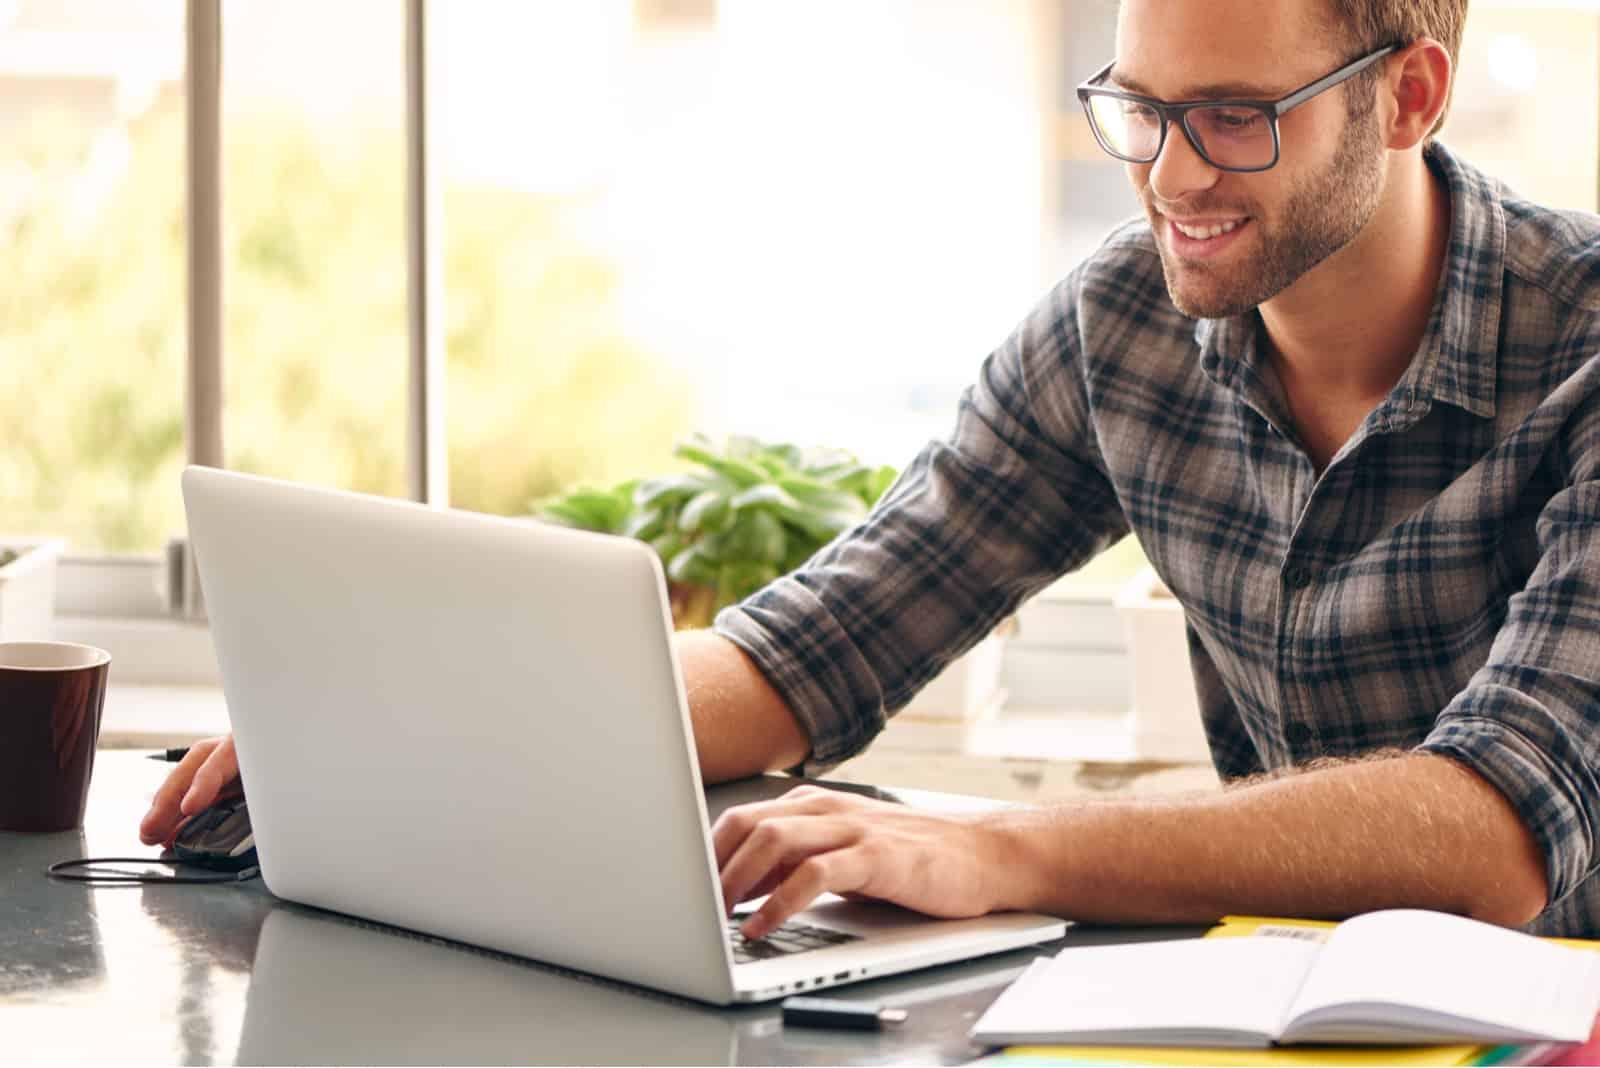 bouton homme sur ordinateur portable